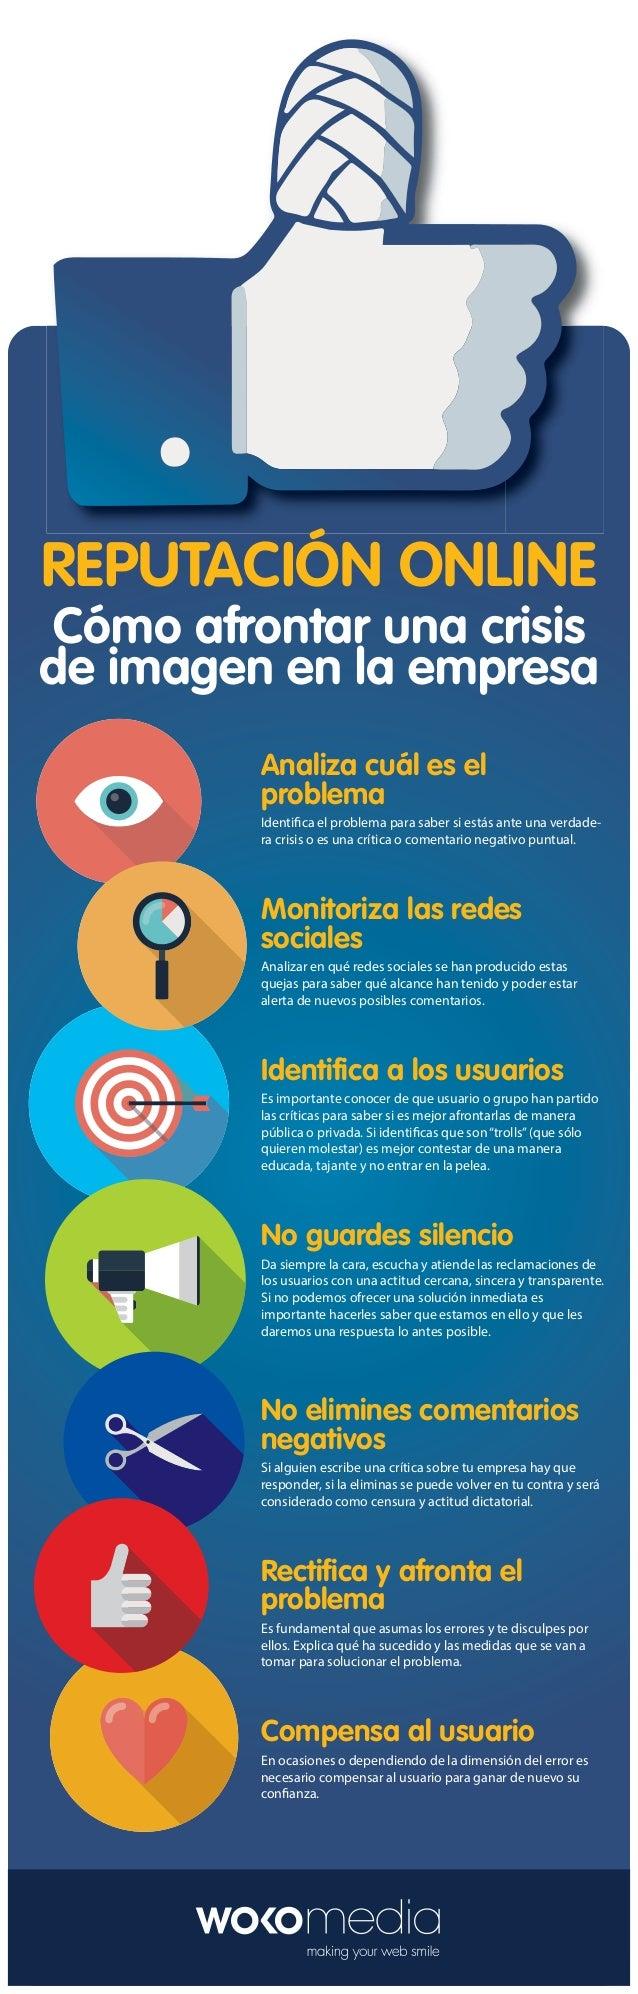 REPUTACIÓN ONLINE Cómo afrontar una crisis de imagen en la empresa Analiza cuál es el problema Identifica el problema para...